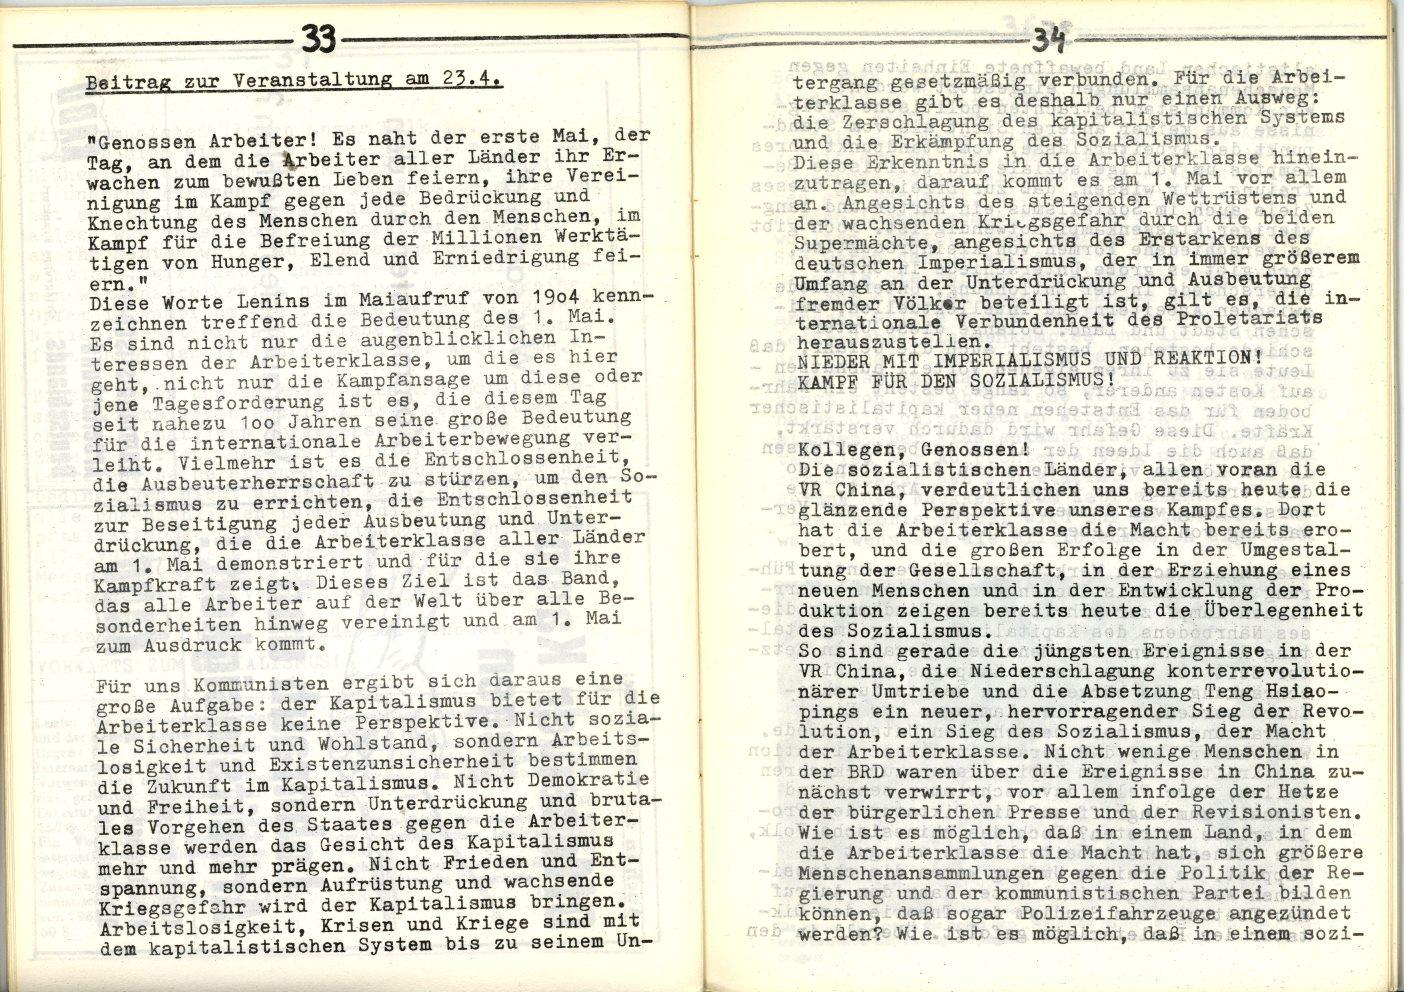 Frankfurt_KABD_zum_Ersten_Mai_1976_18